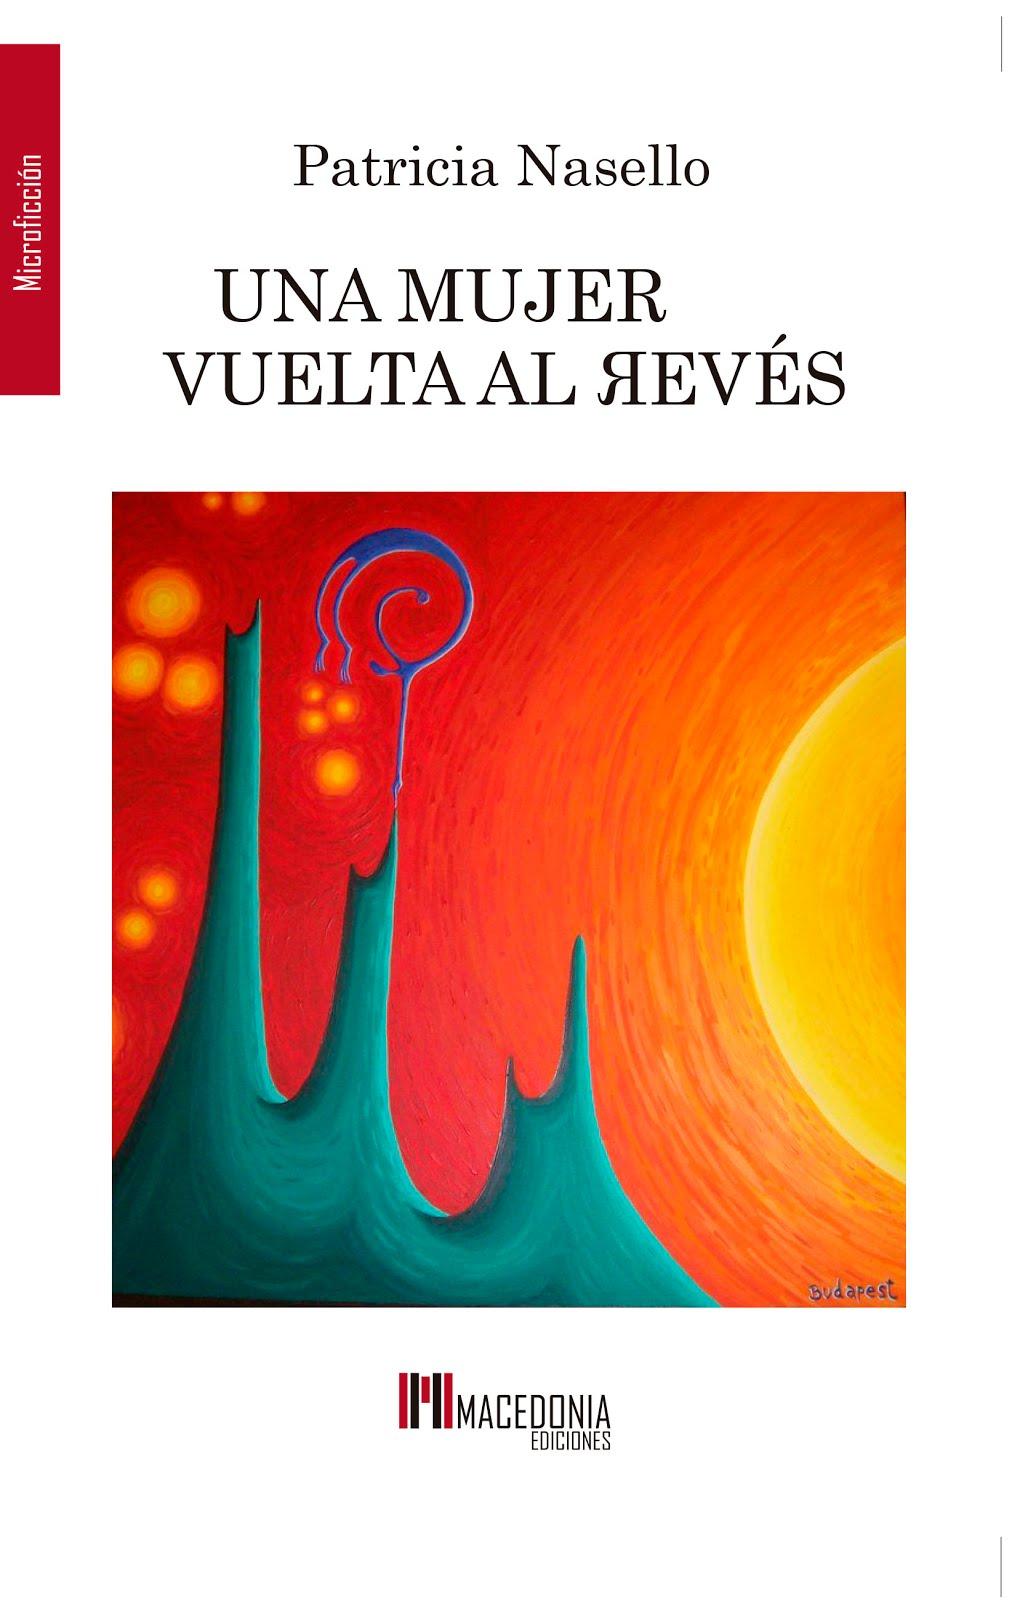 Libro editado por Macedonia Ediciones